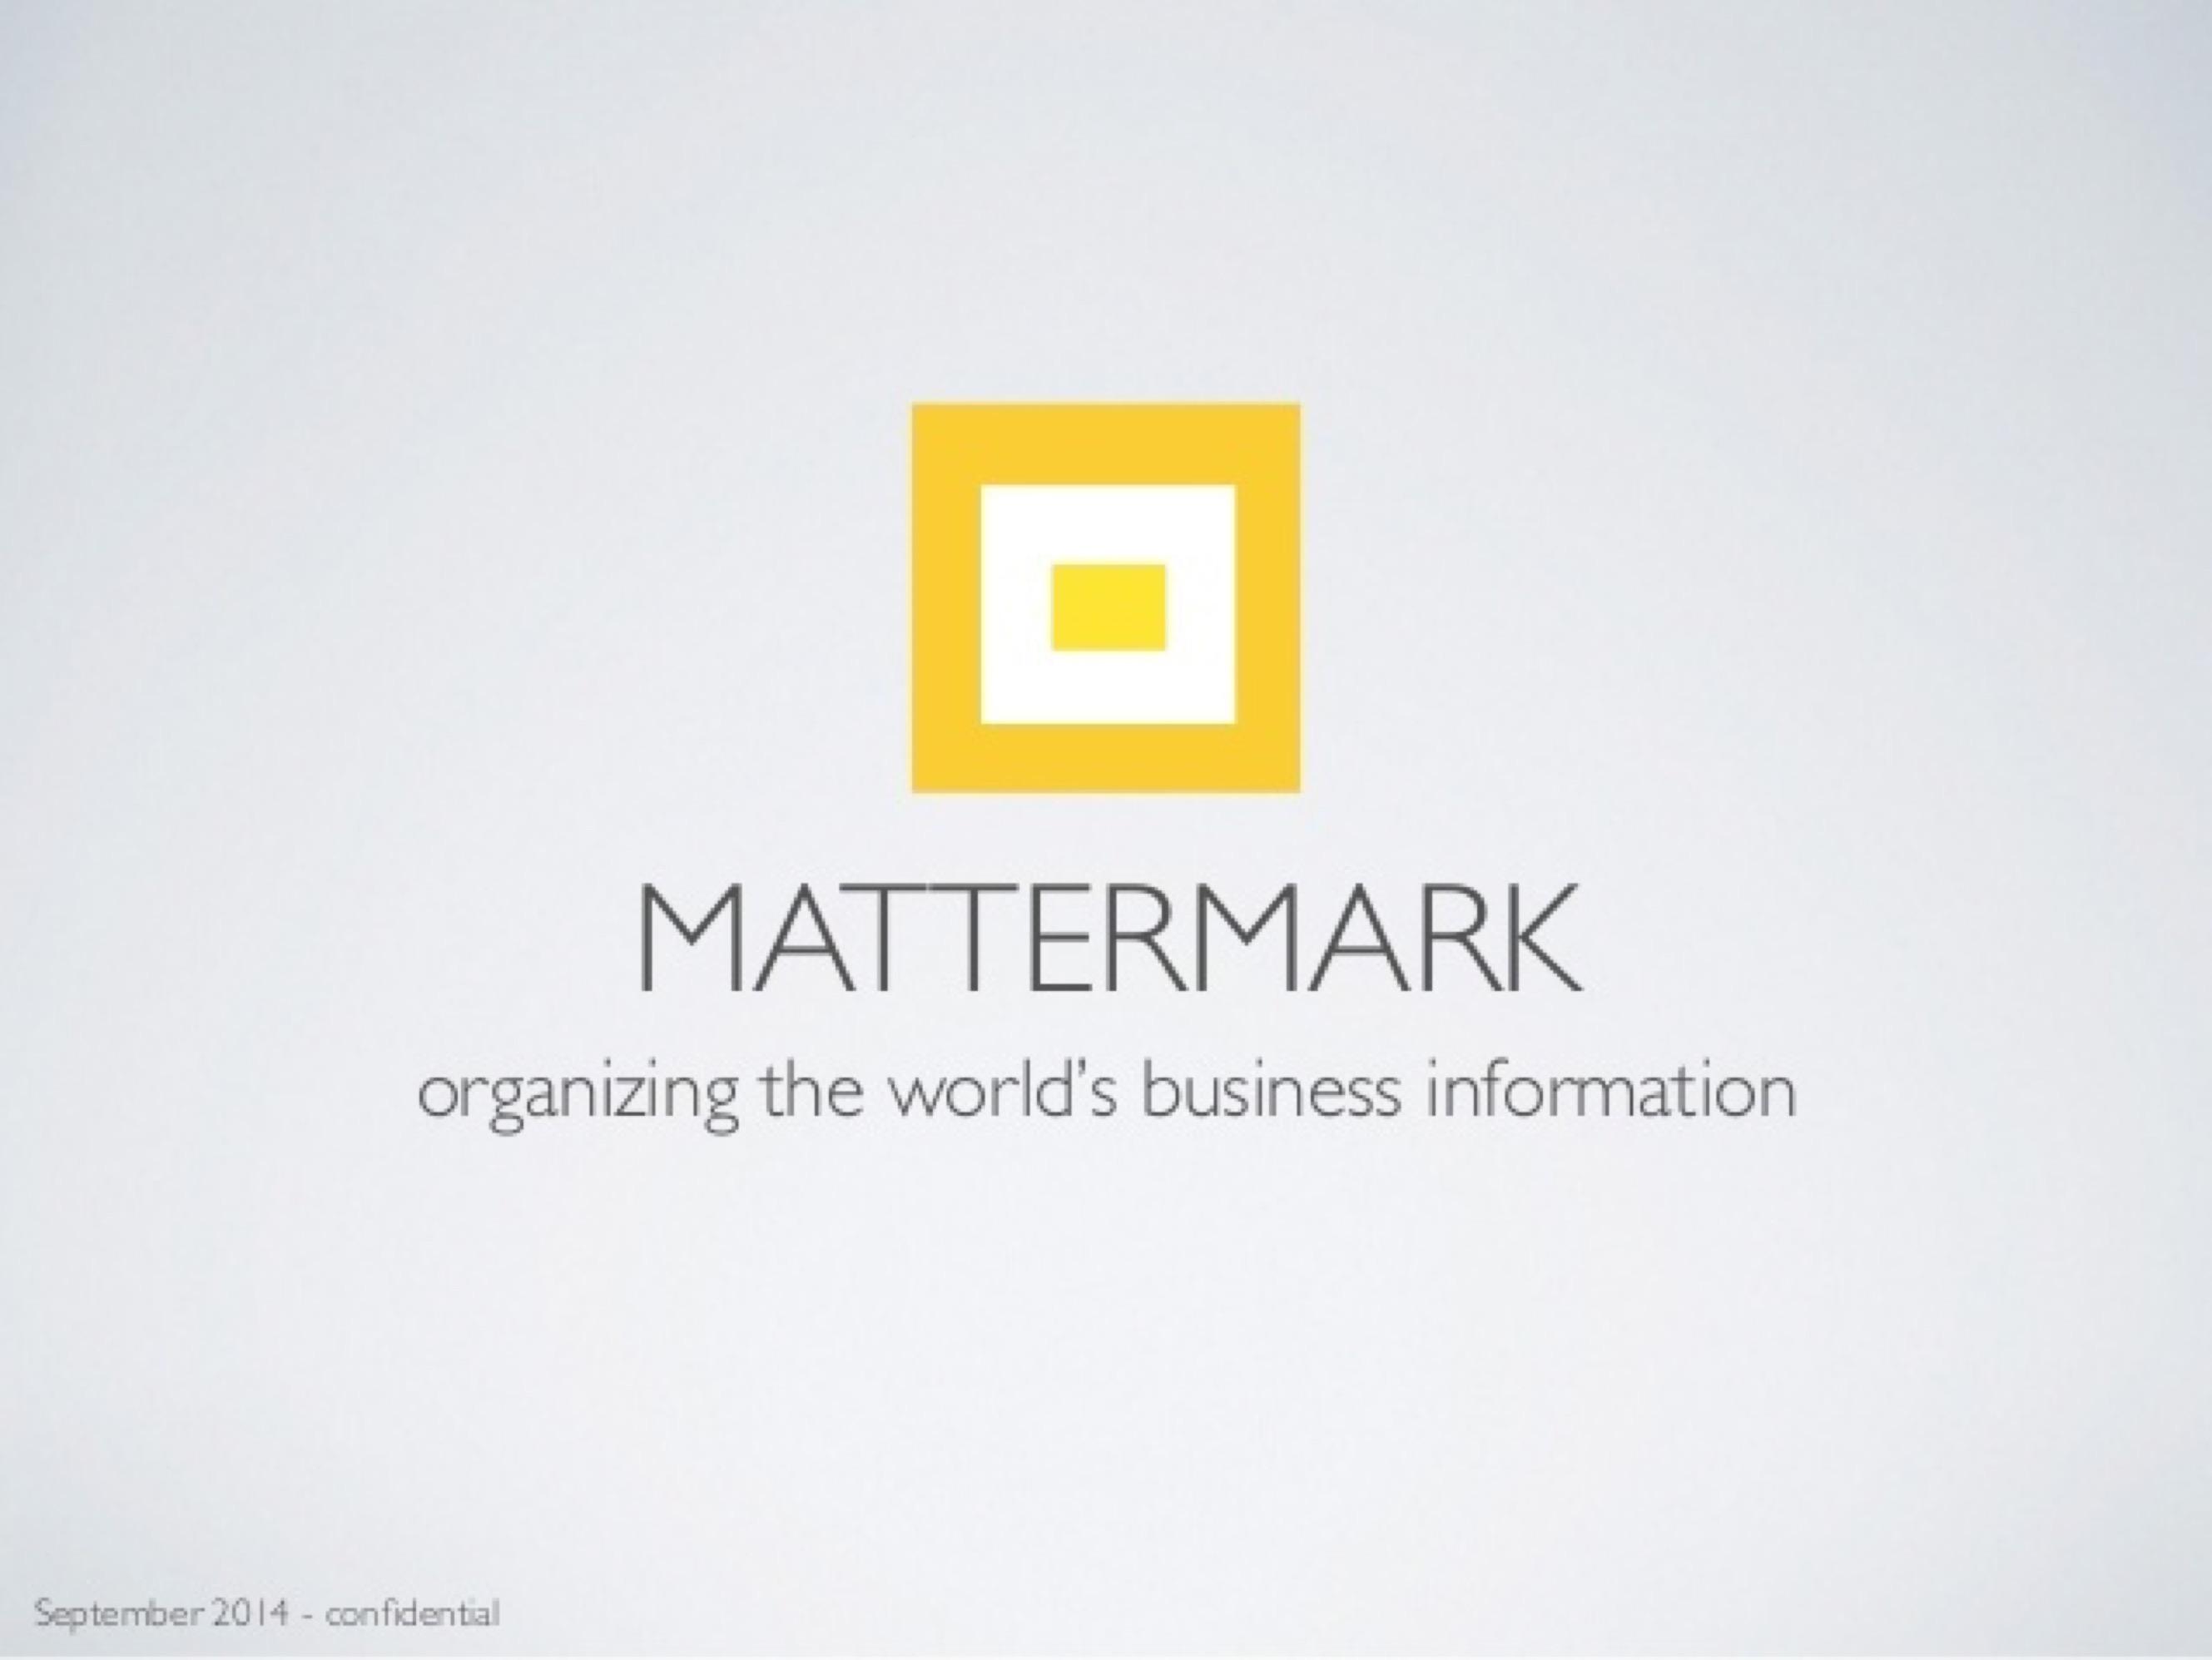 mattermark-seriese-a-001